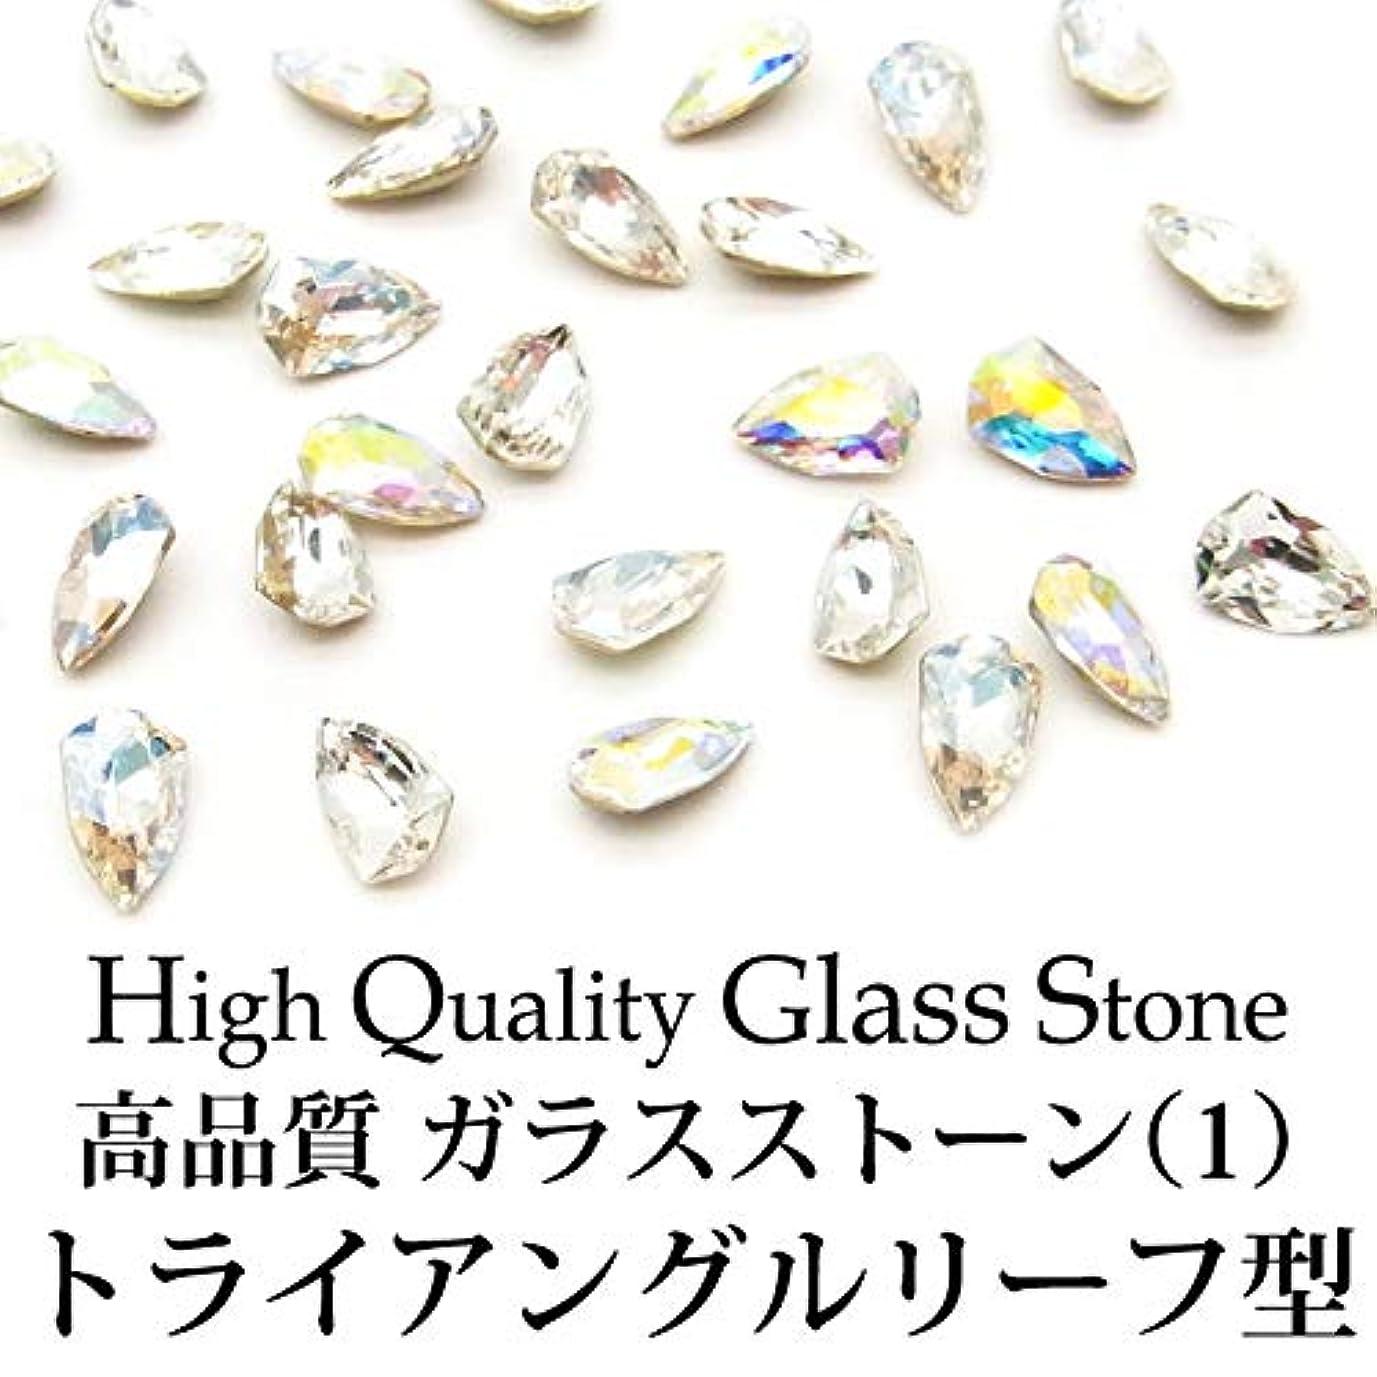 ライラックルーム余韻高品質 ガラスストーン (1) トライアングルリーフ型 各種 3個入り (1-1.クリスタル)